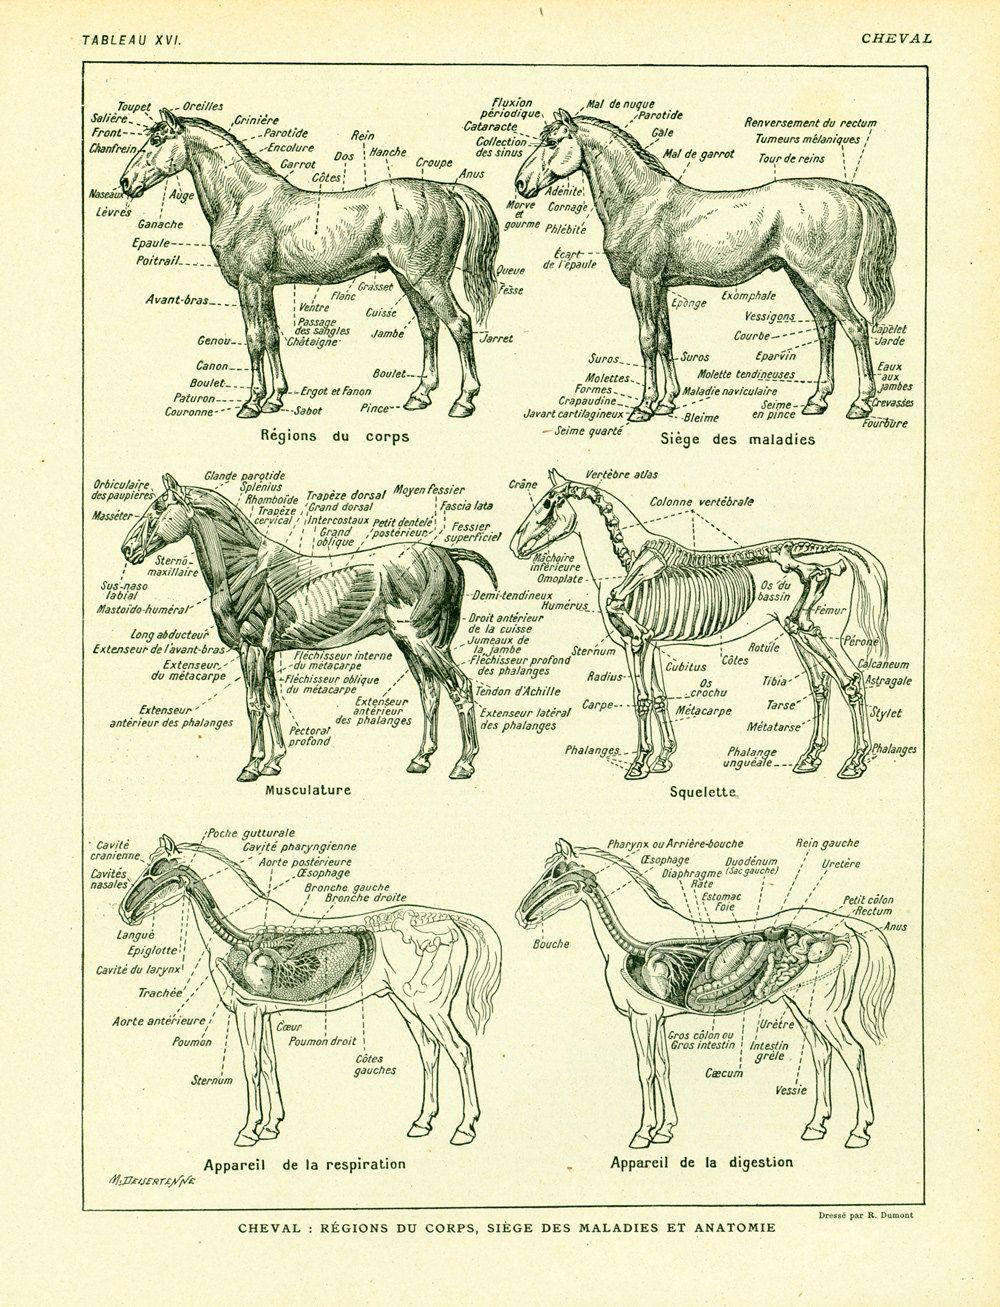 Wunderbar Vintage Anatomie Charts Galerie - Menschliche Anatomie ...